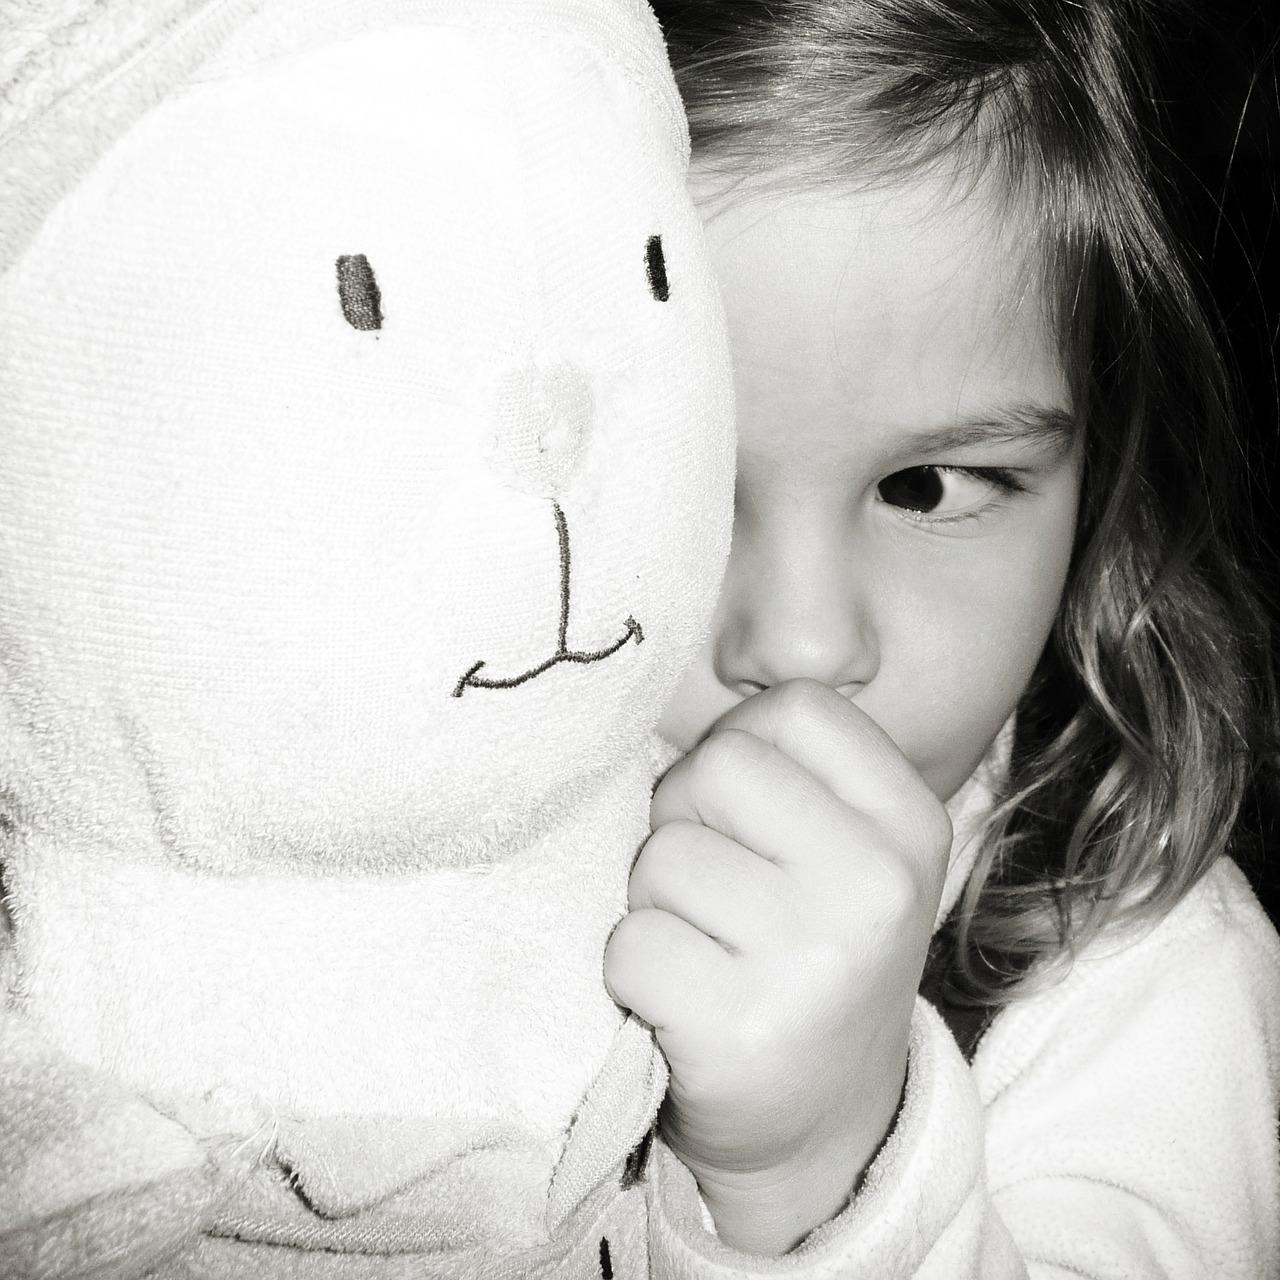 kislány a játékával